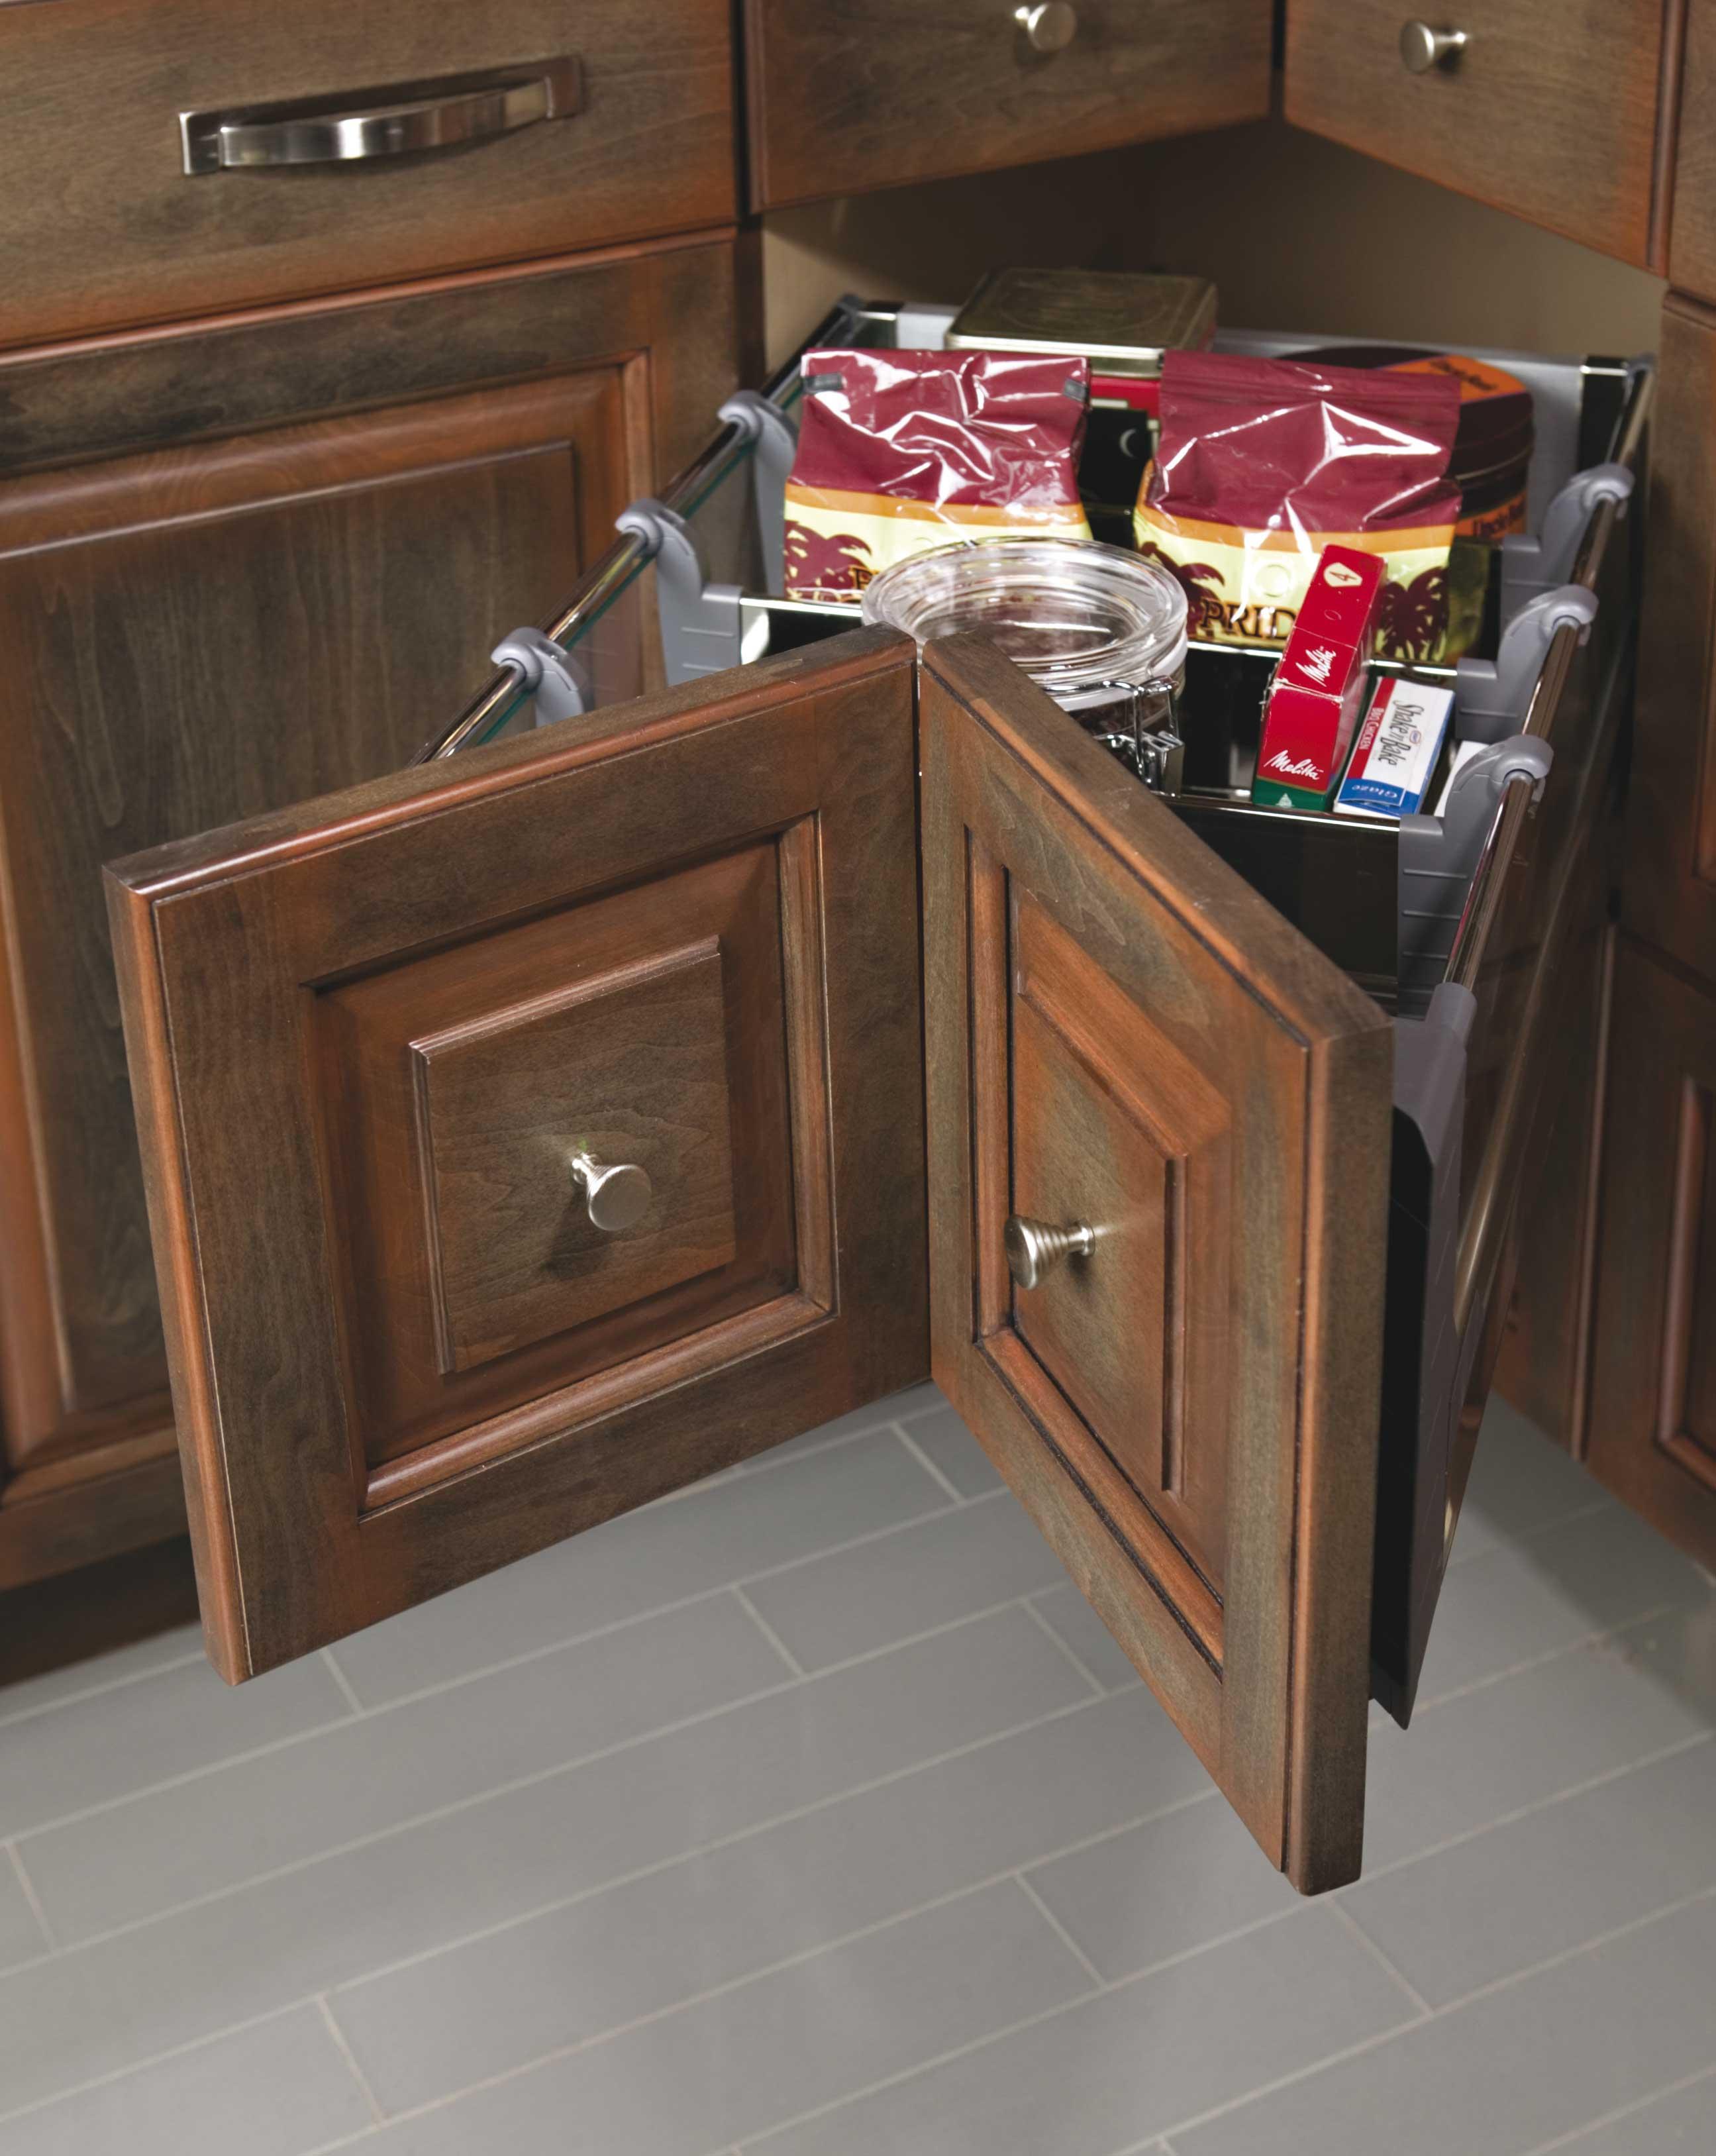 5 lazy susan alternatives. Black Bedroom Furniture Sets. Home Design Ideas